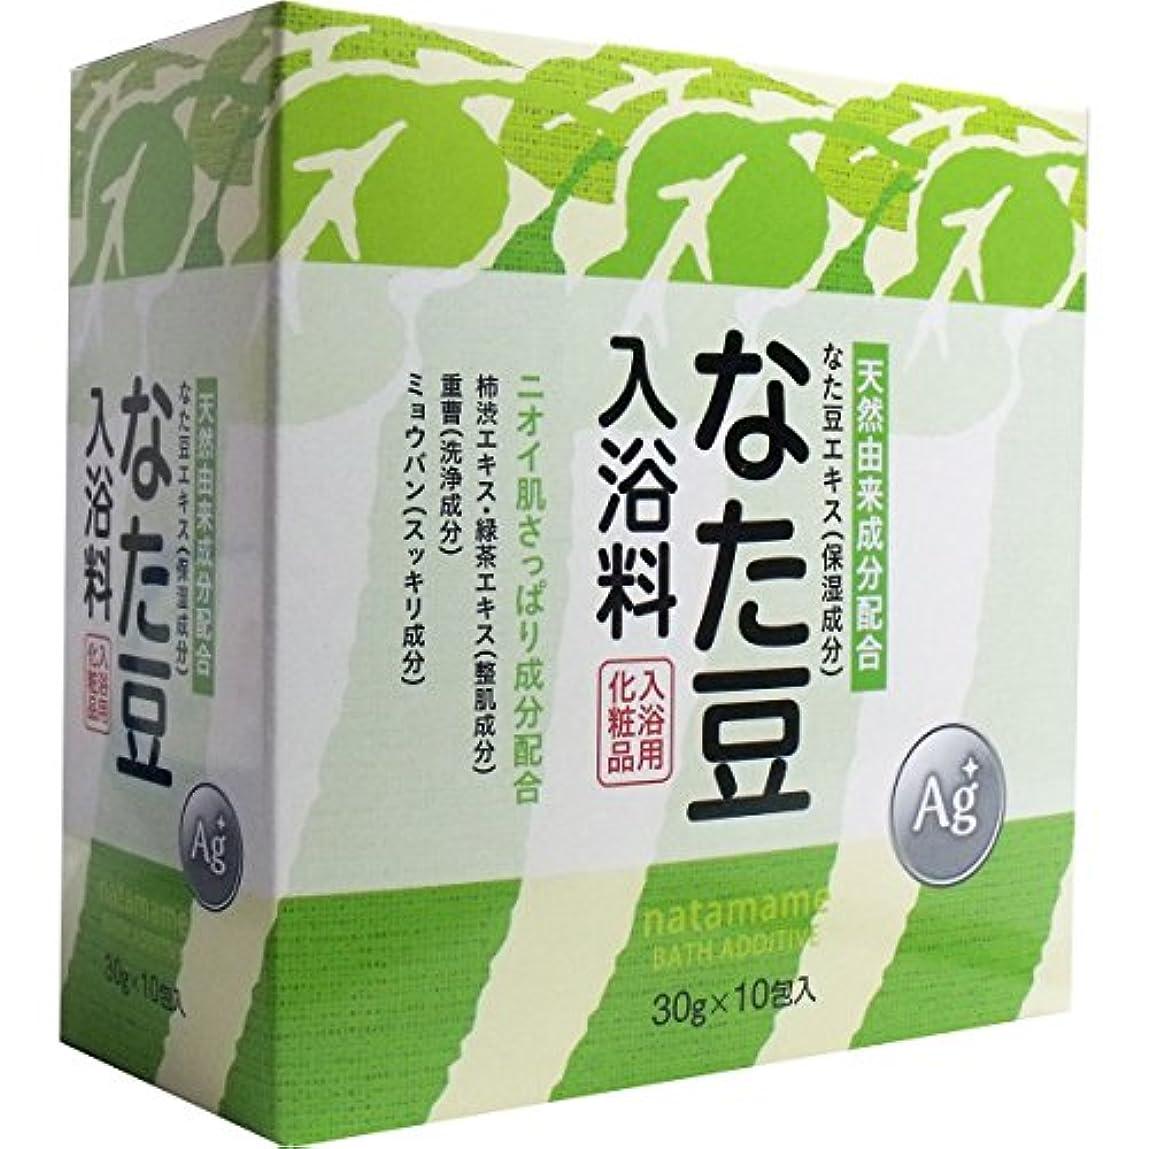 なた豆入浴料 入浴用化粧品 30g×10包入×8